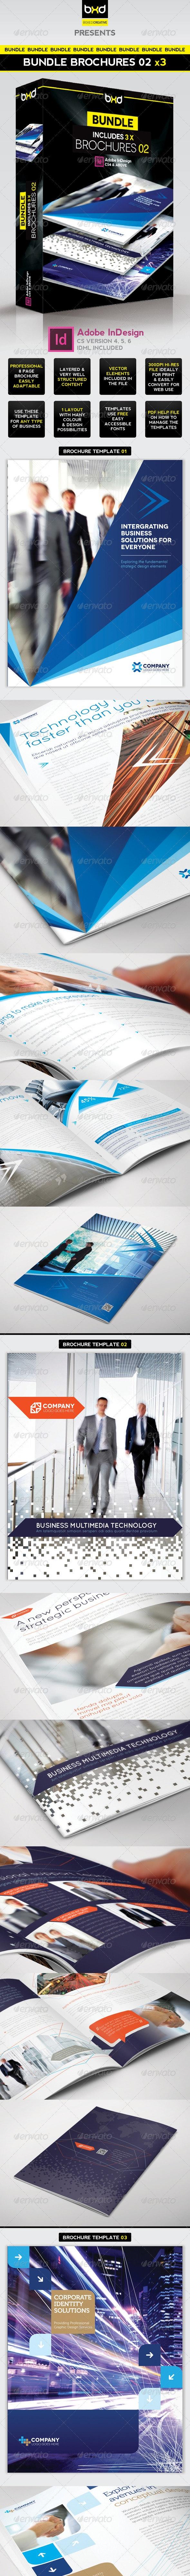 Brochures Bundle - InDesign Layout 02 - Corporate Brochures